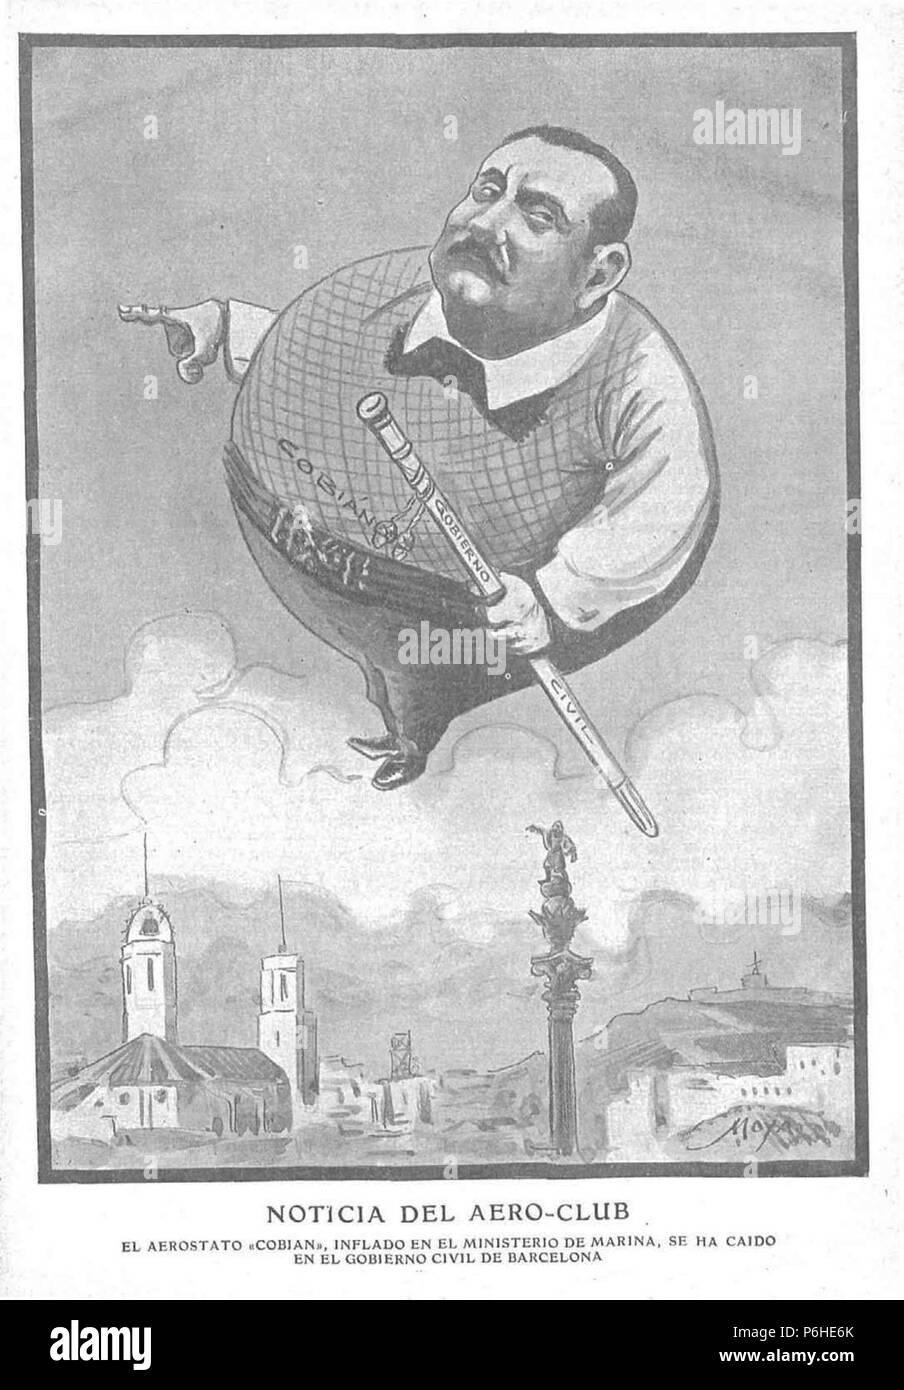 1906-07-01, Gedeón, Noticia del aero-club, Moya. - Stock Image